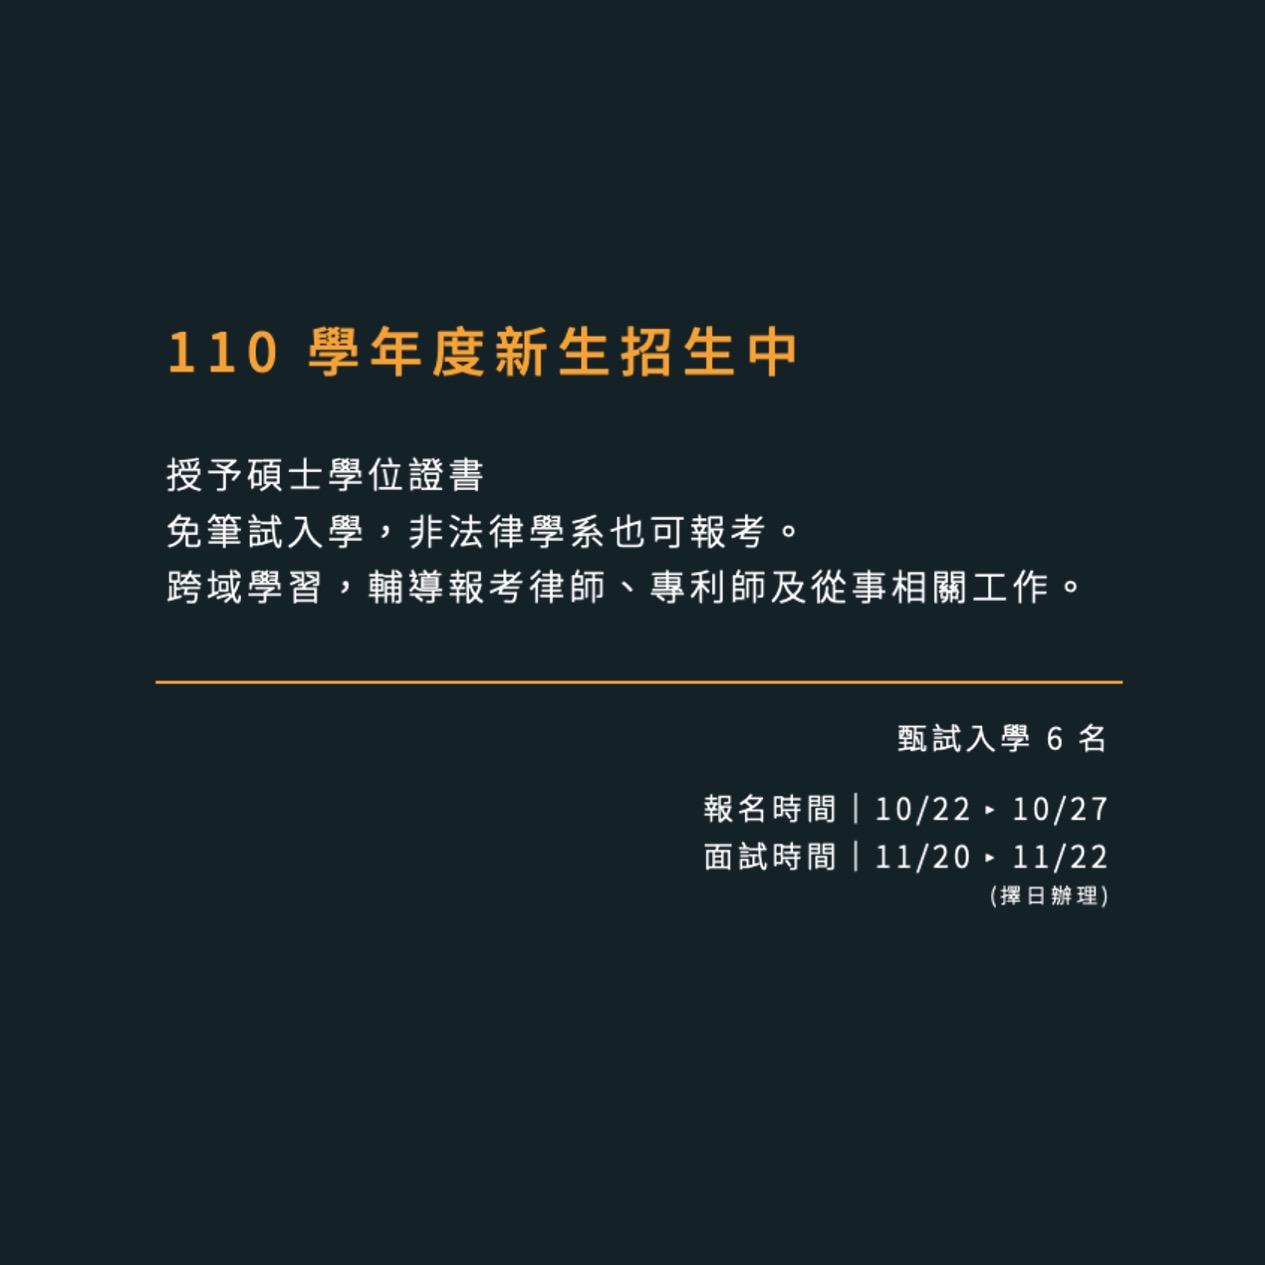 【招生訊息】110學年度「科技法律碩士學位學程」甄試入學招生中,非法律相關學系也可報名!